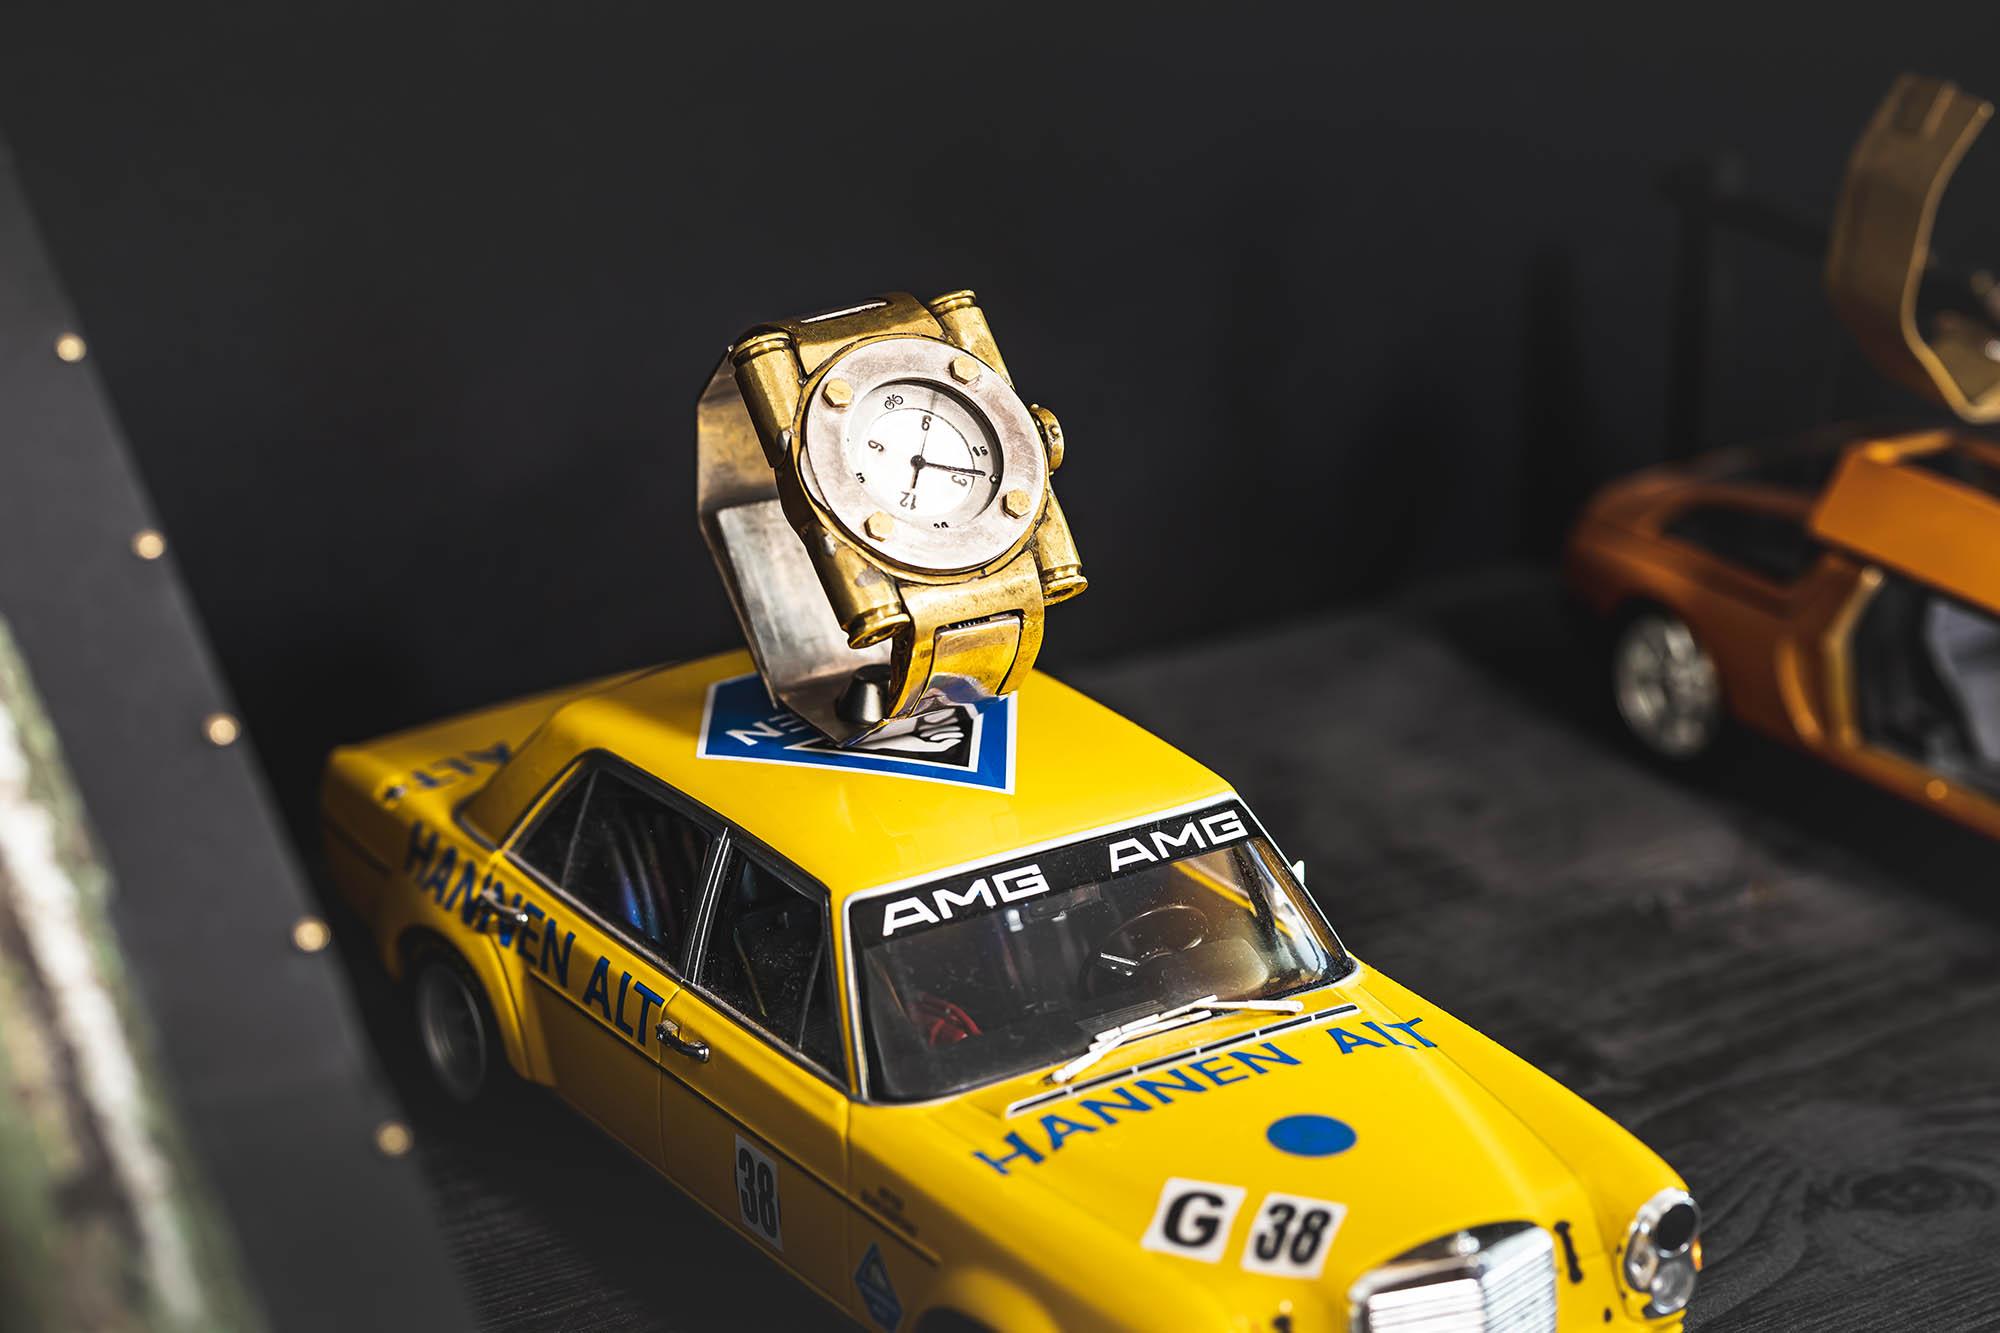 Mercedes Flügeltüren Uhr - Atelier Horloges - Gehäusebau